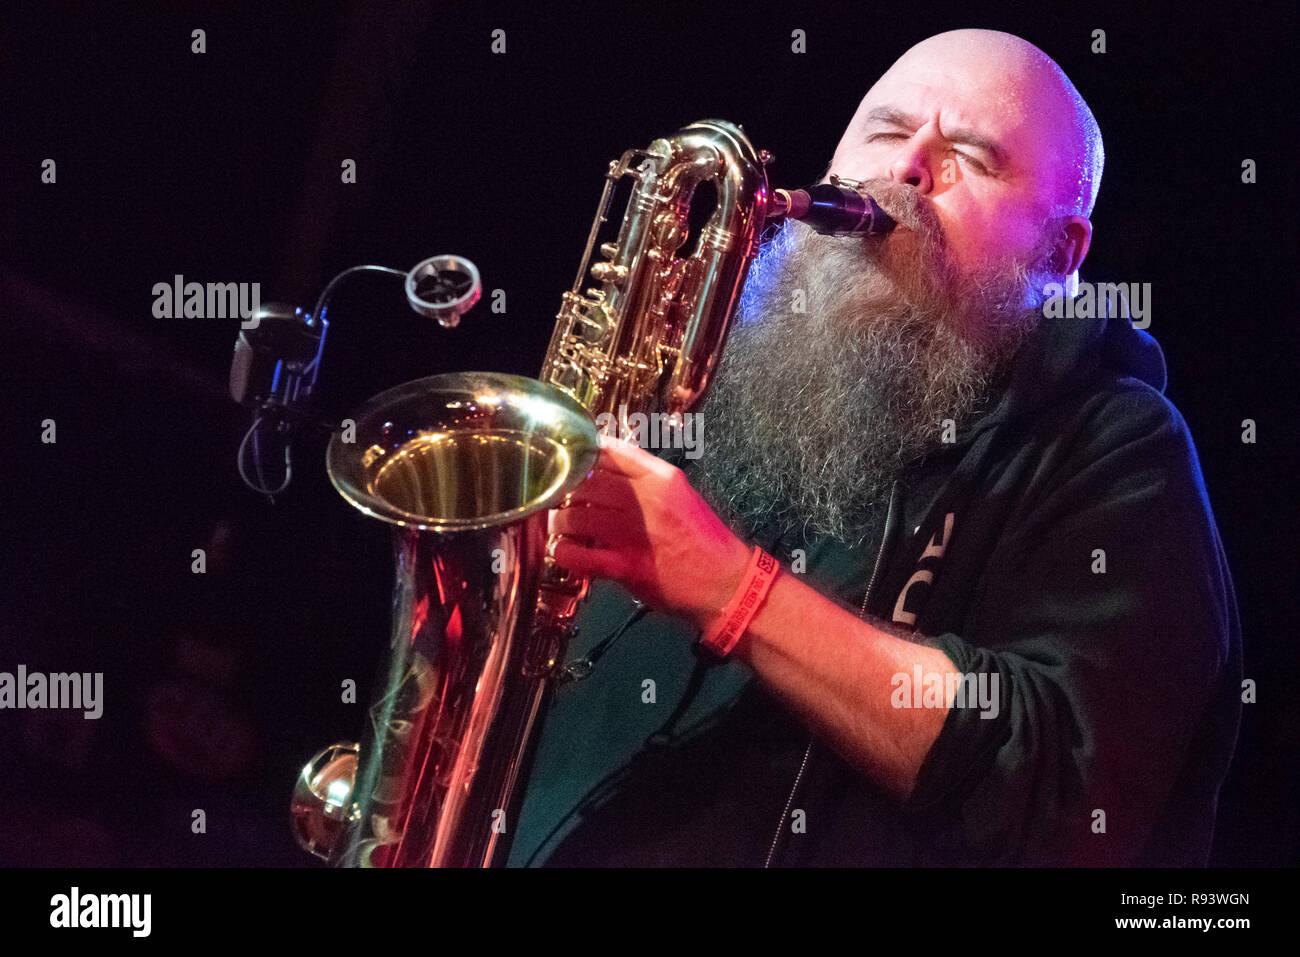 Dan Michaels de alternative rock band Le Choeur gémissant au saxophone pendant un concert live à Atlanta, Géorgie. Photo Stock